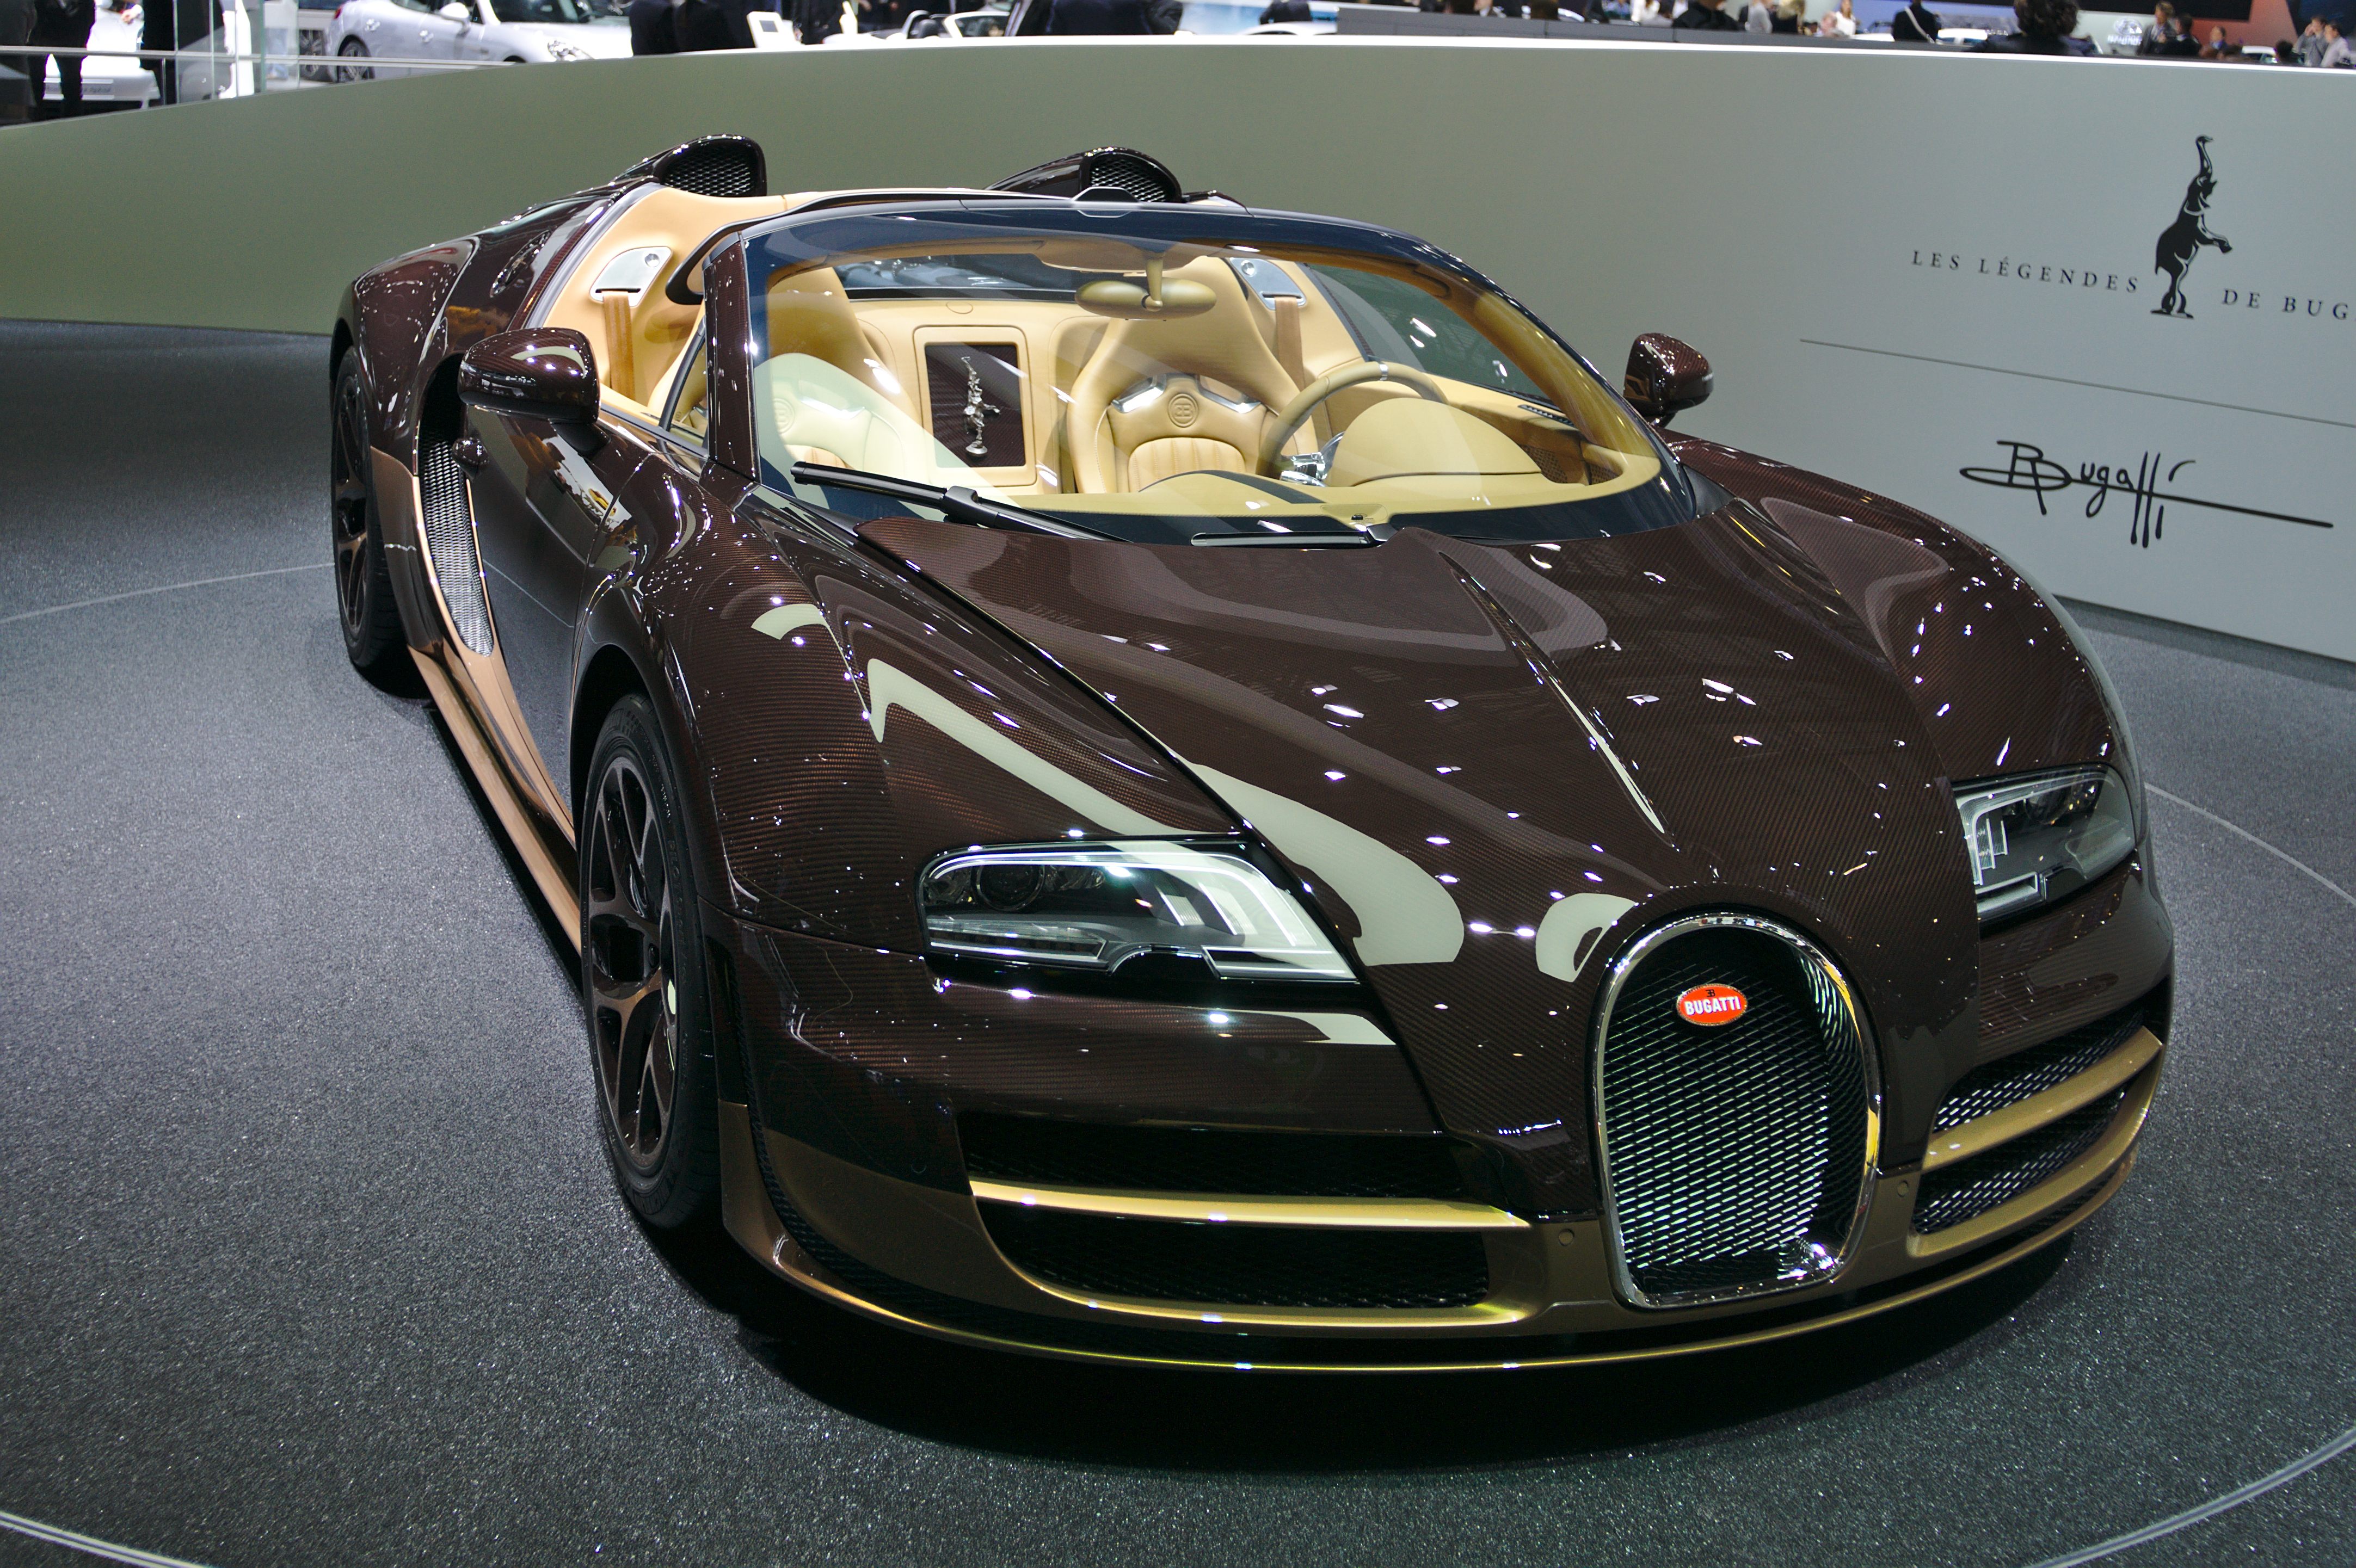 Salon_de_l%27auto_de_Gen%C3%A8ve_2014_-_20140305_-_Bugatti_Veyron_Grand_Sport_Vitesse_Rembrandt_Bugatti_2 Amazing Bugatti Veyron Grand Sport Vitesse Information Cars Trend